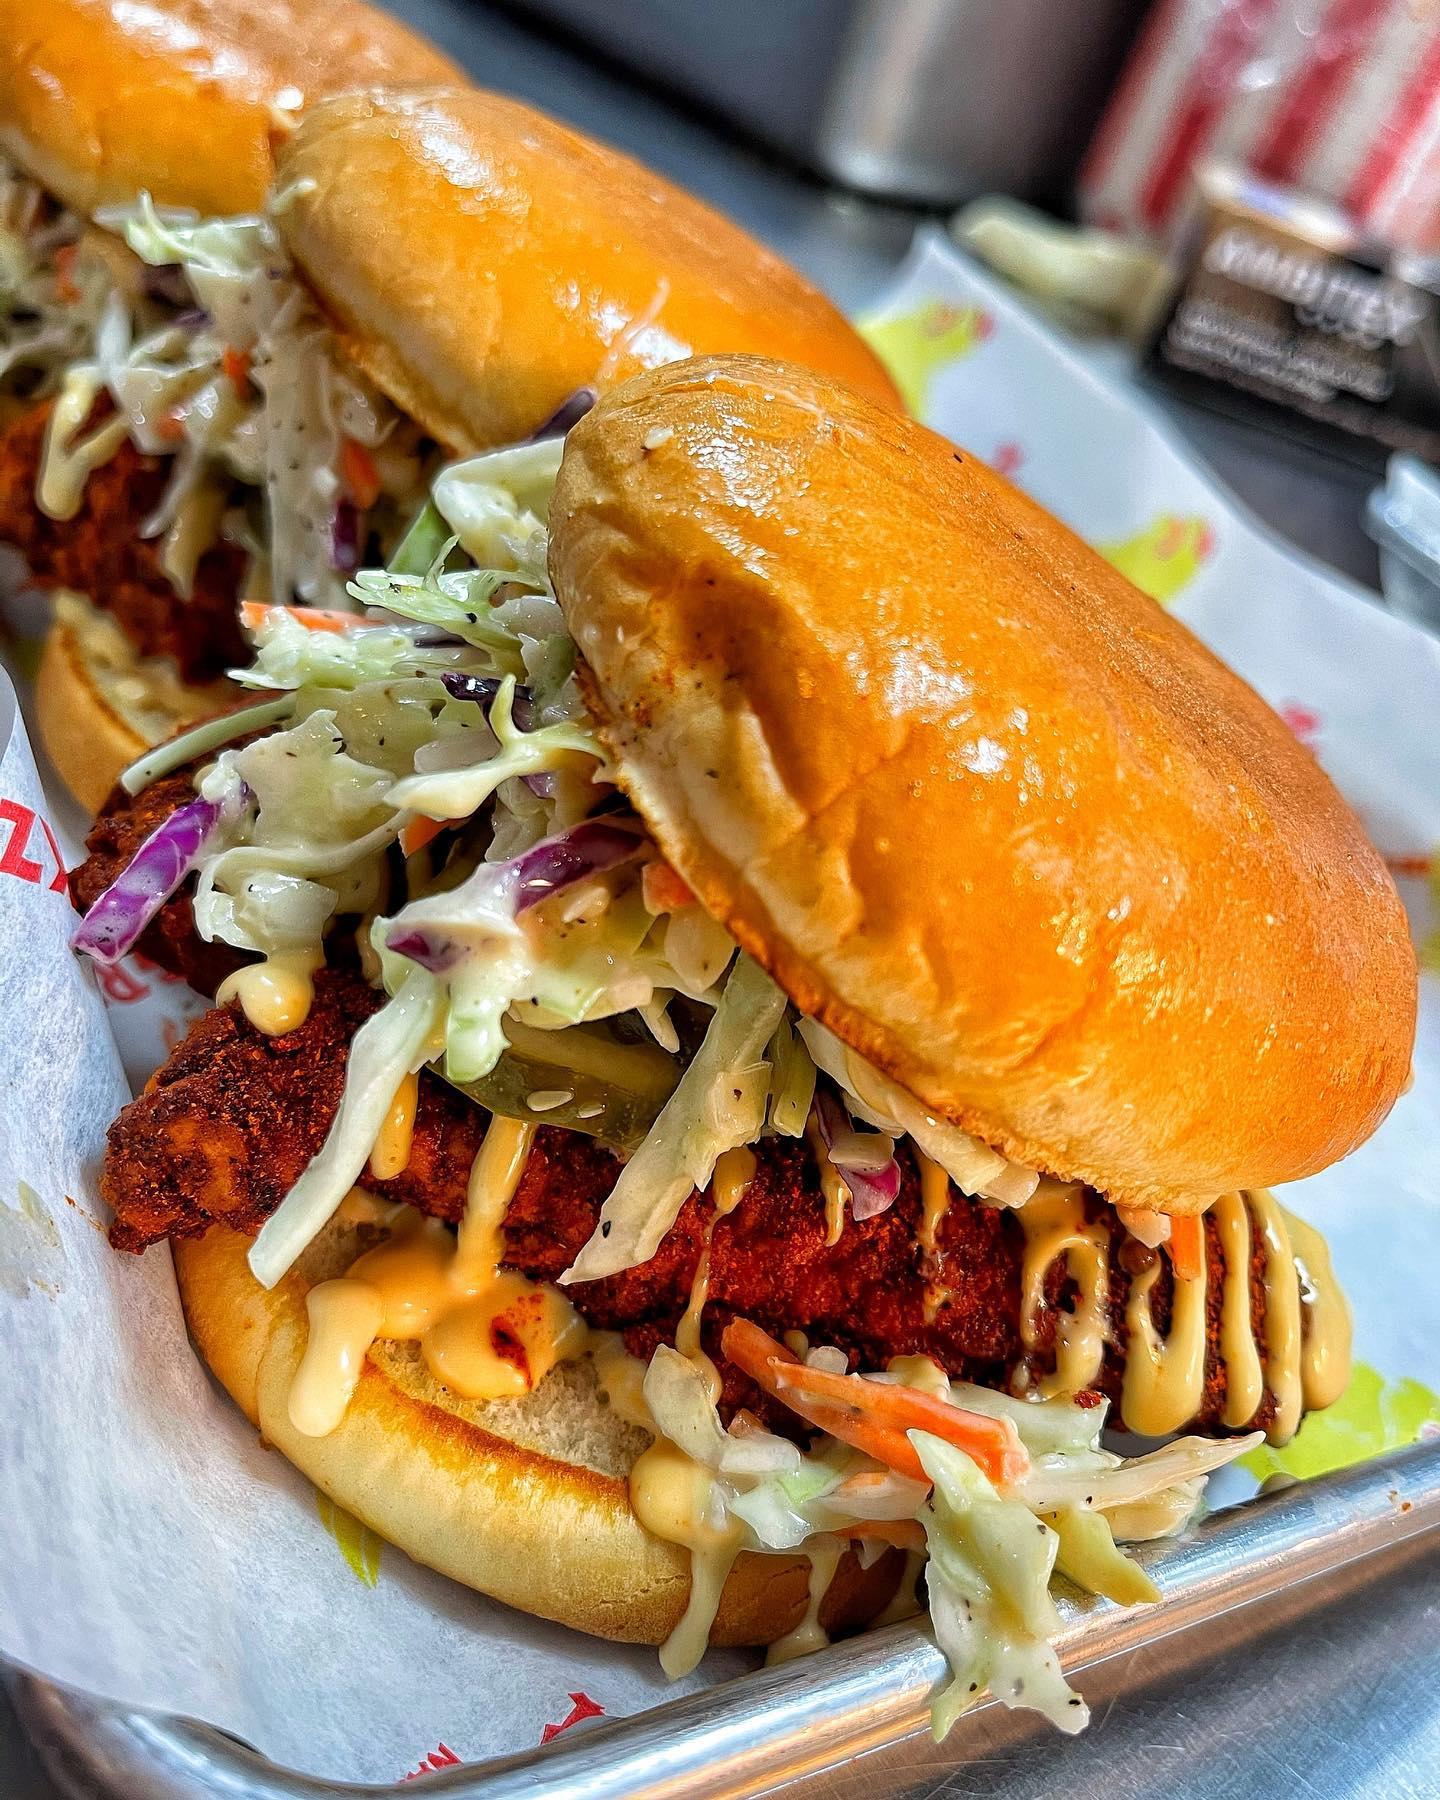 Two Nashville hot chicken sandwiches